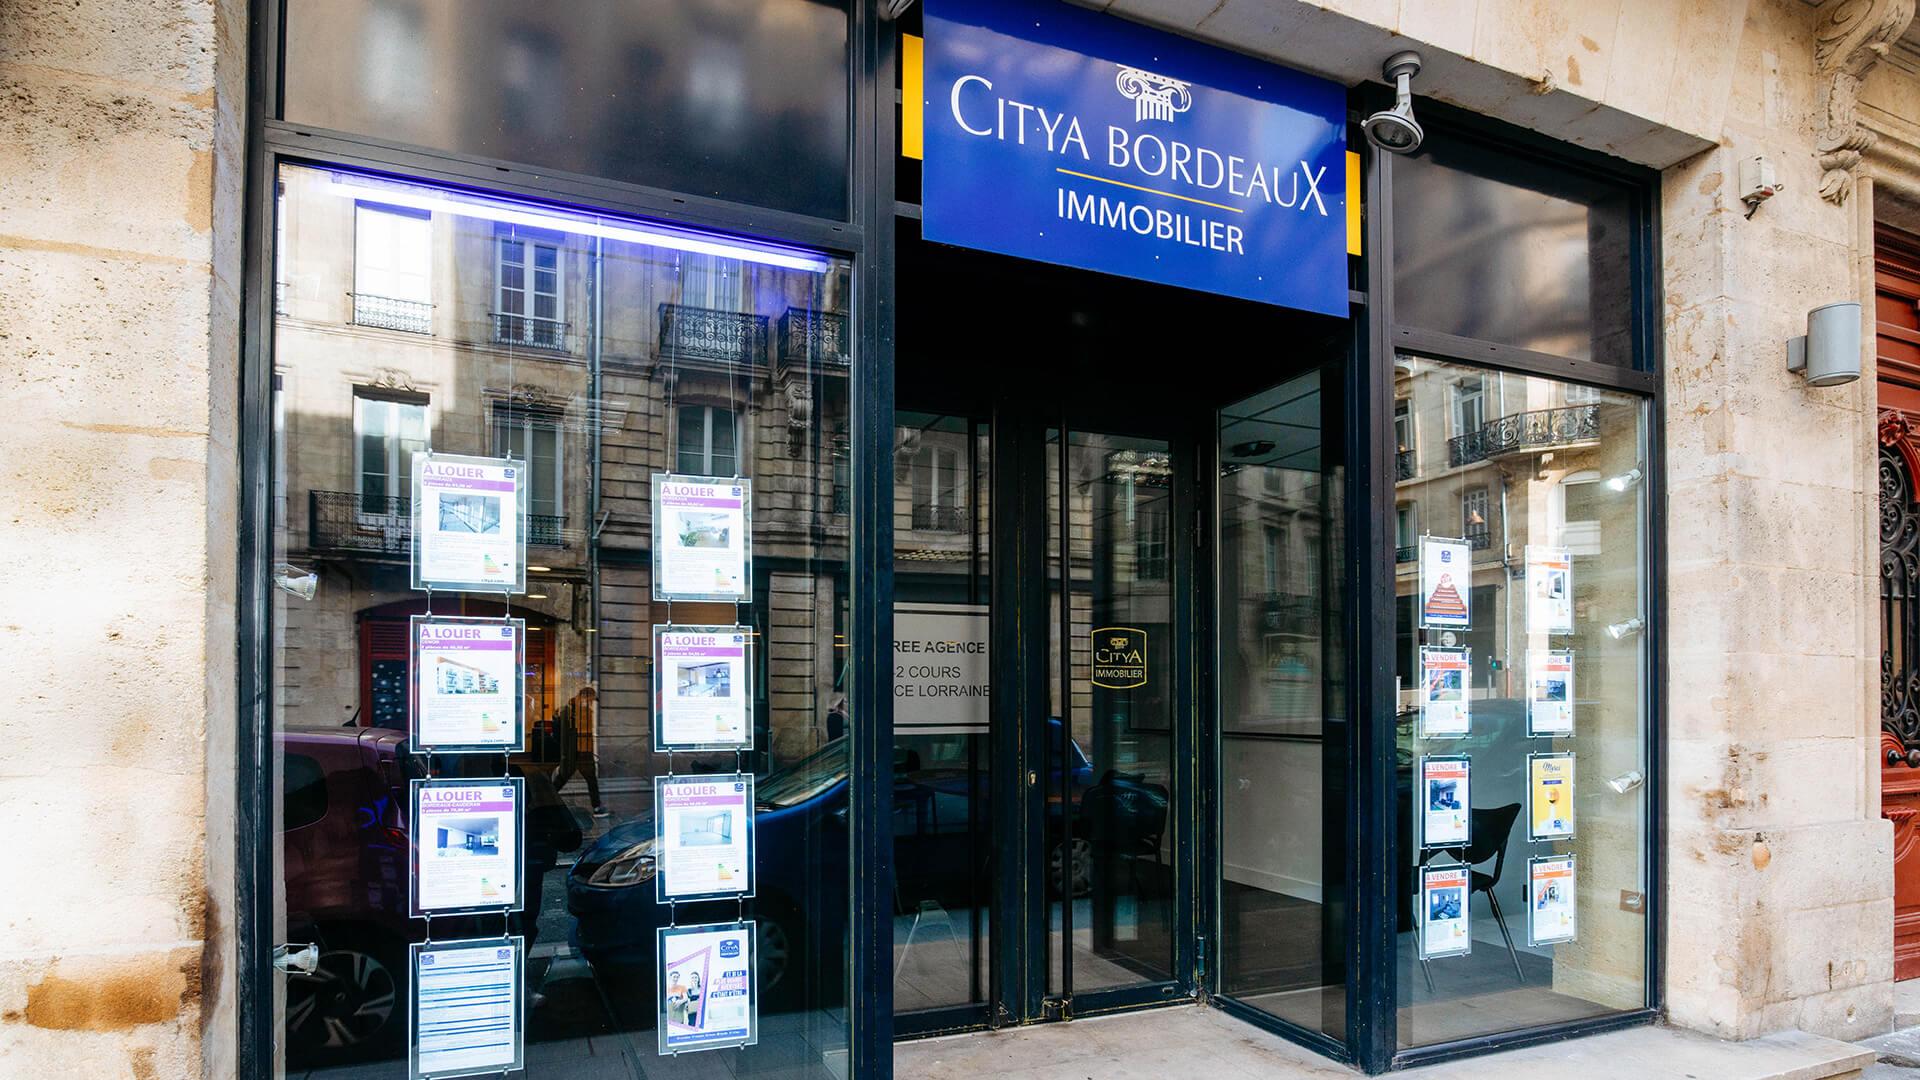 Agence immo Citya Bordeaux